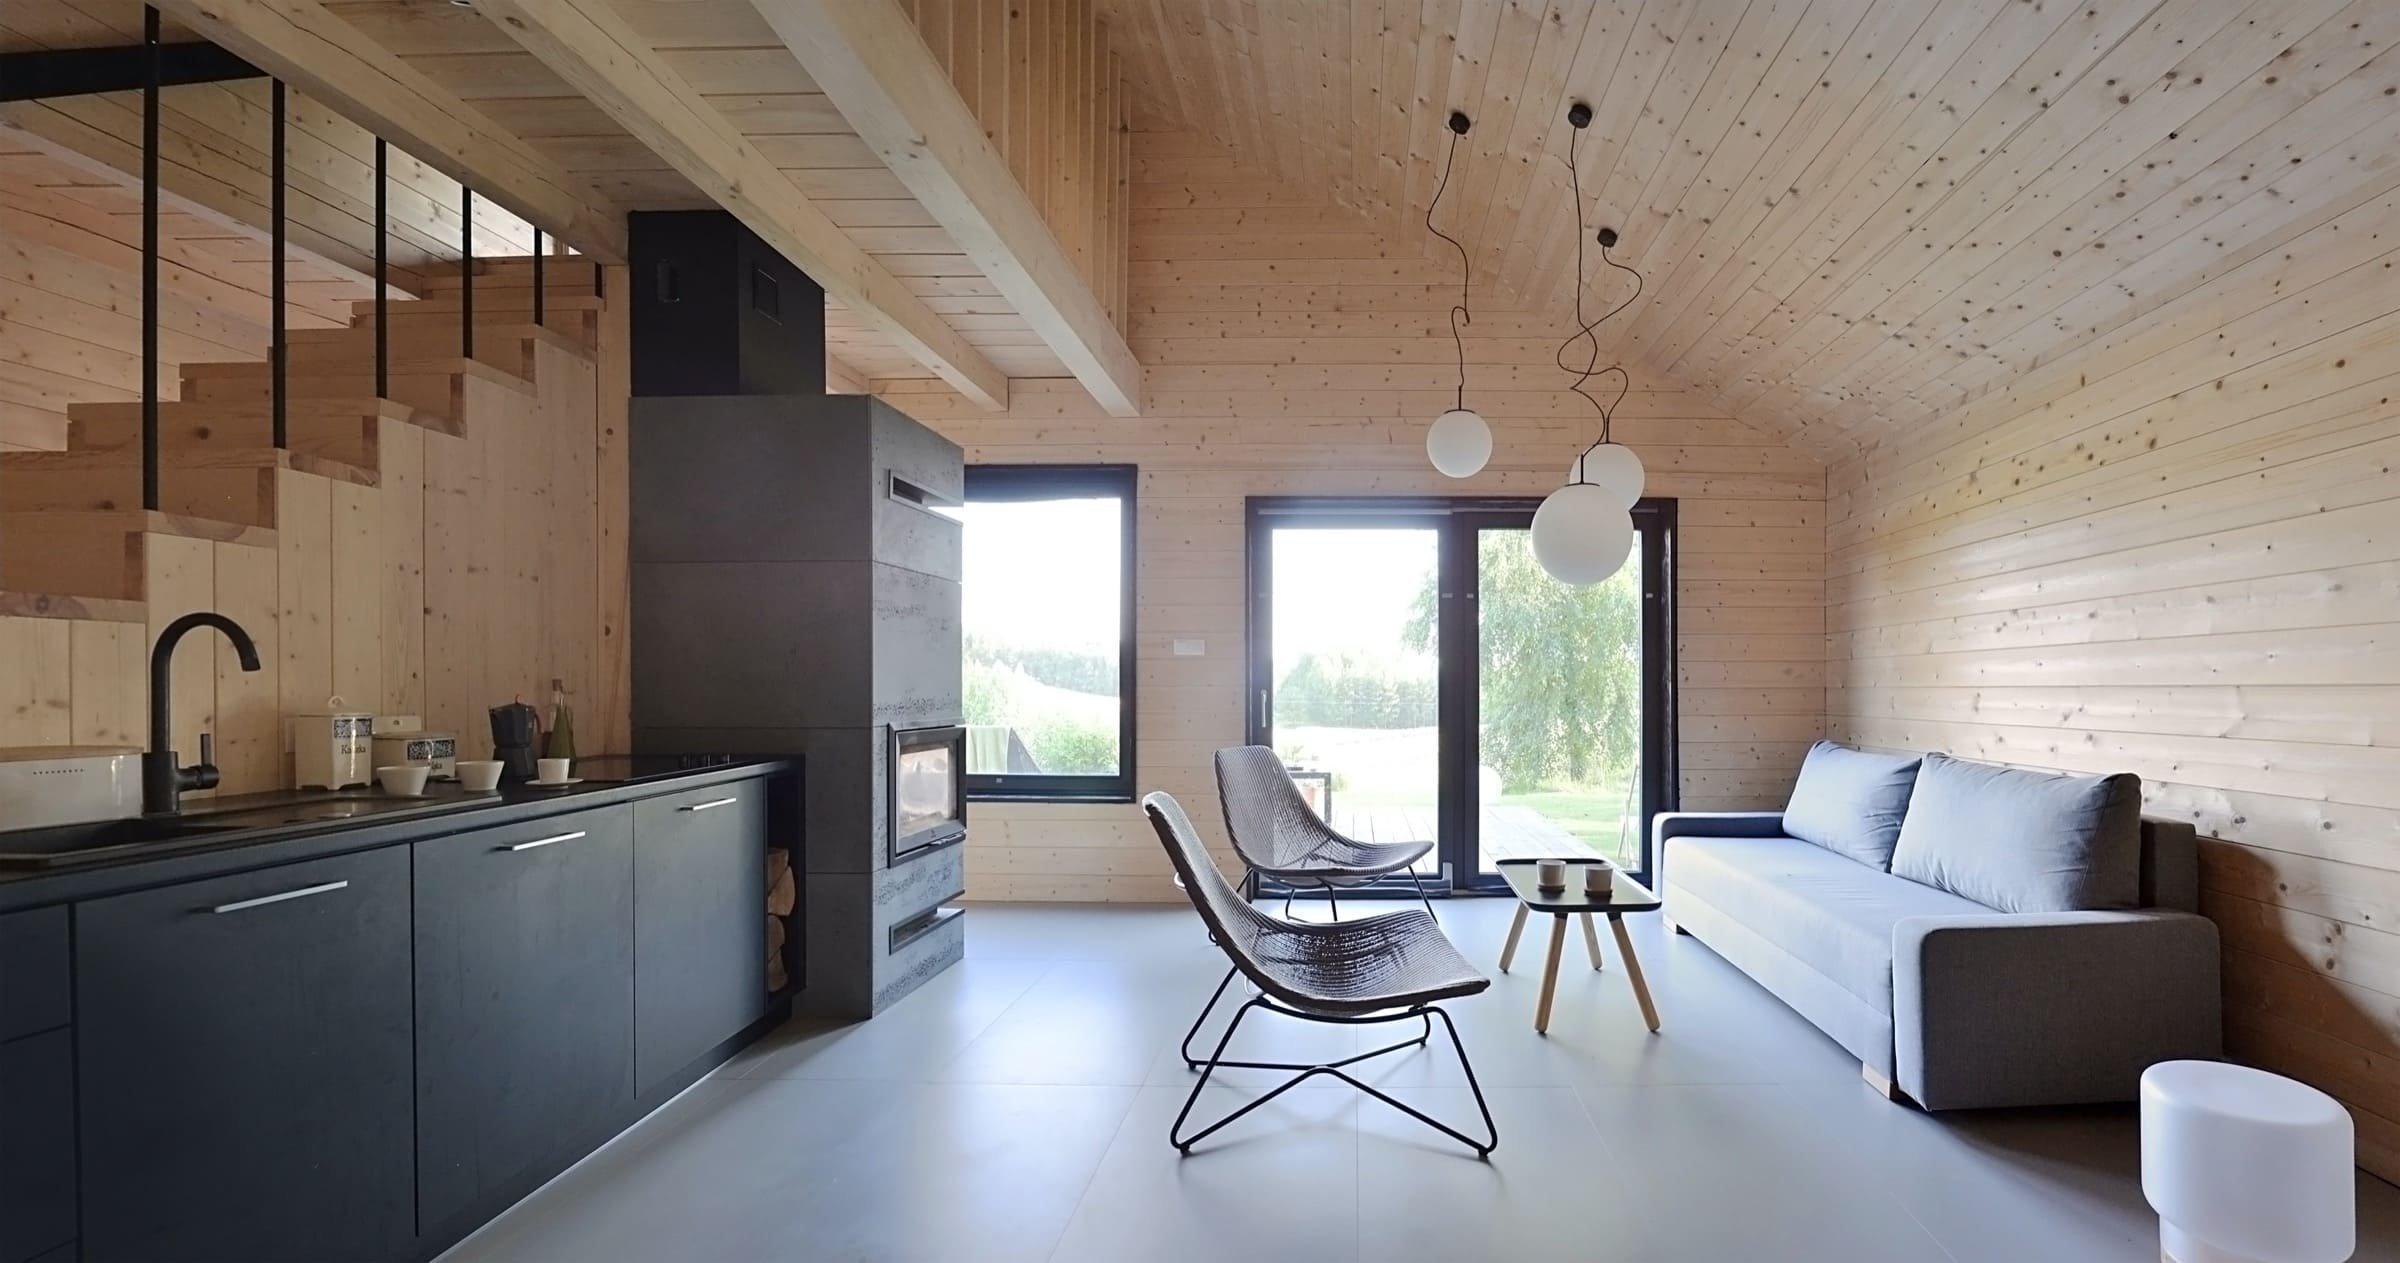 Netradiční dřevostavba za cenu bytu